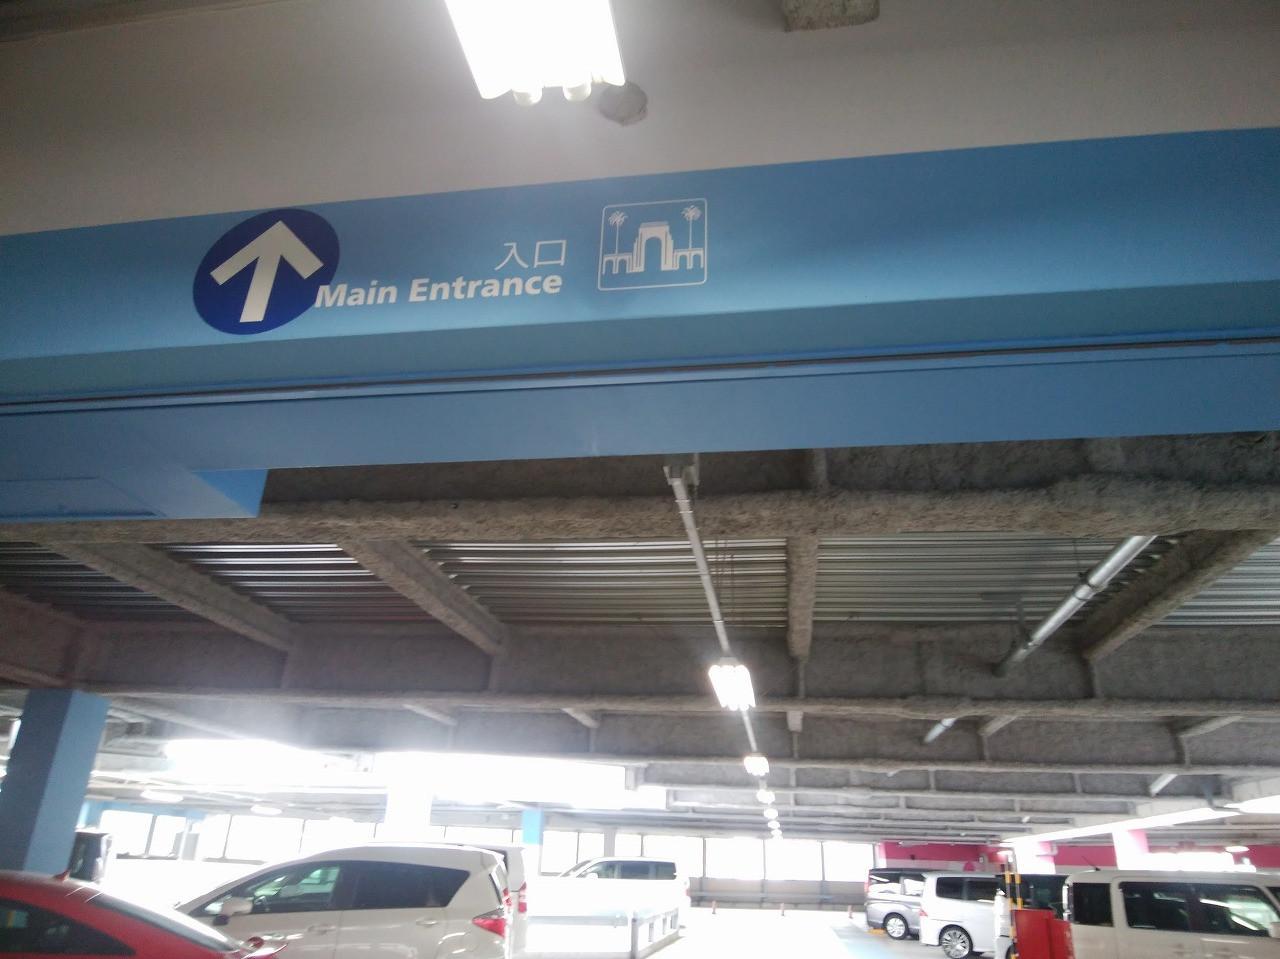 USJ公式の駐車場/USJ